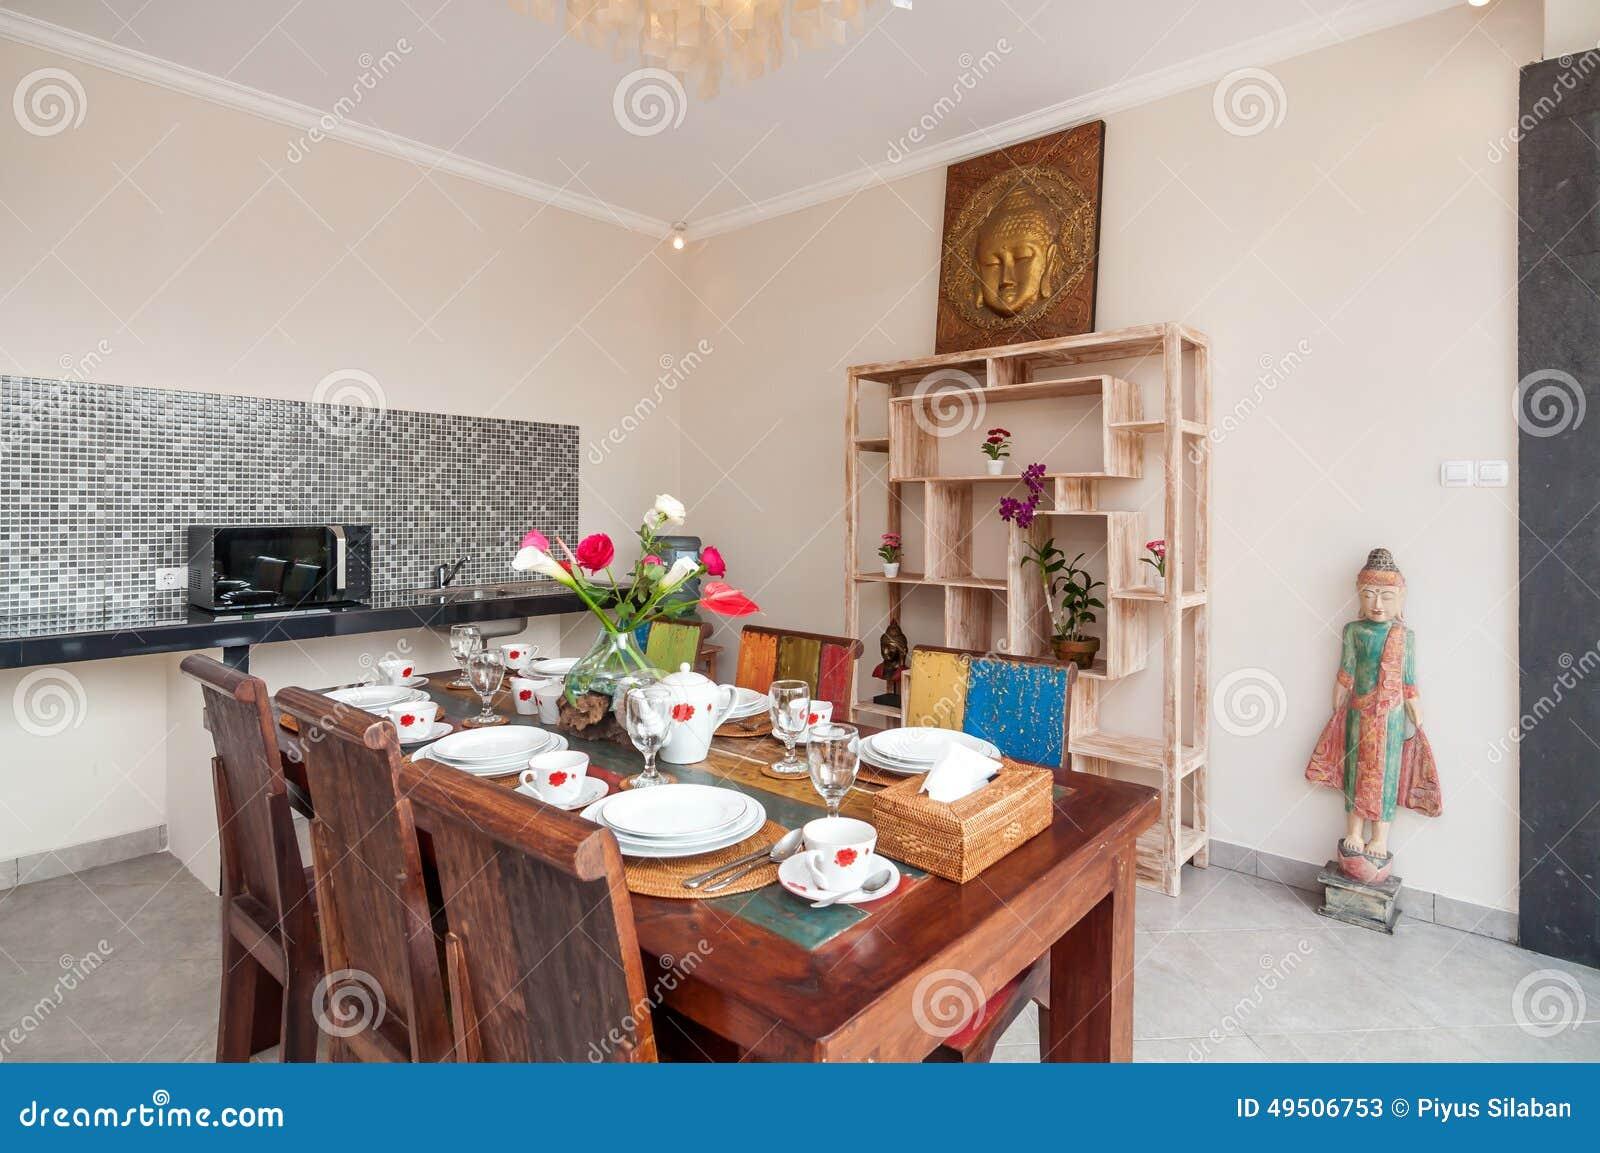 Cuisine avec table manger table a manger seule tables de - Bon coin table a manger ...